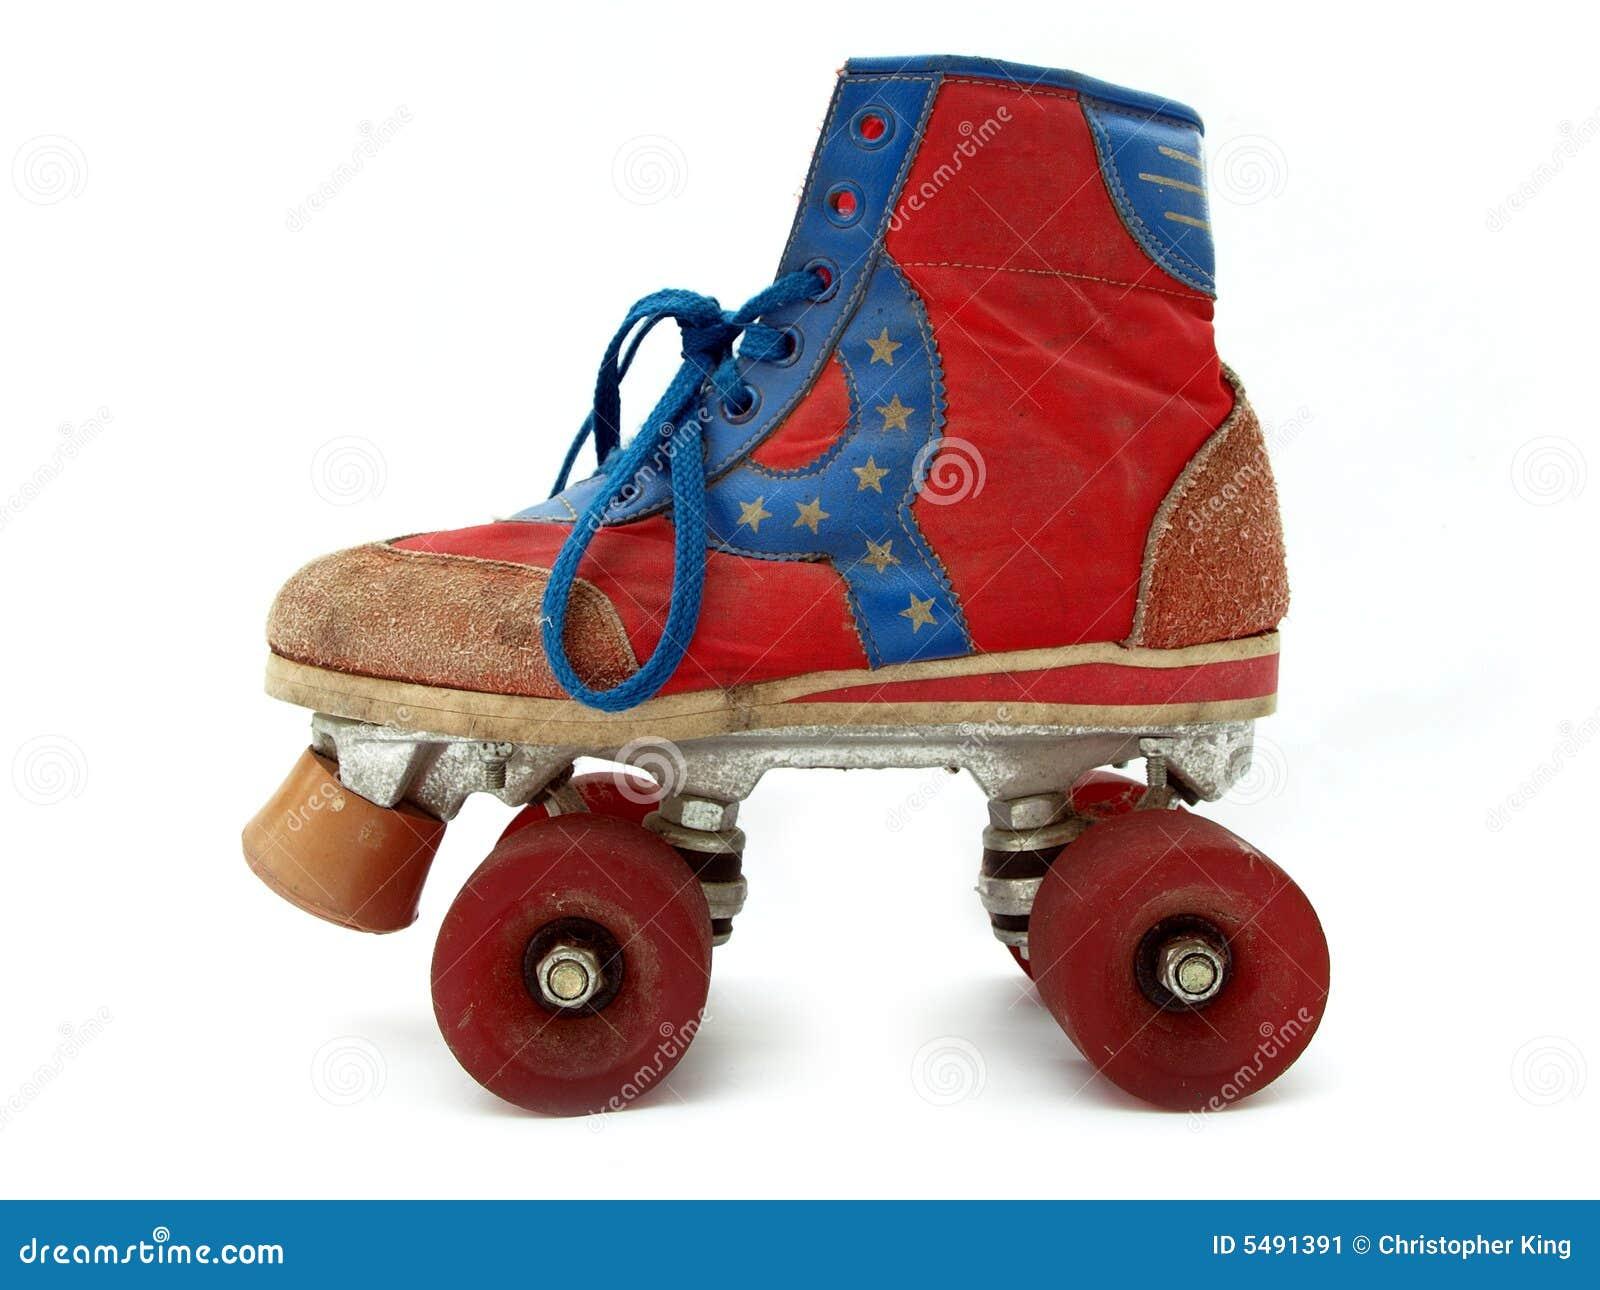 Roller skates vintage - Vintage Style Old Roller Skate Stock Image